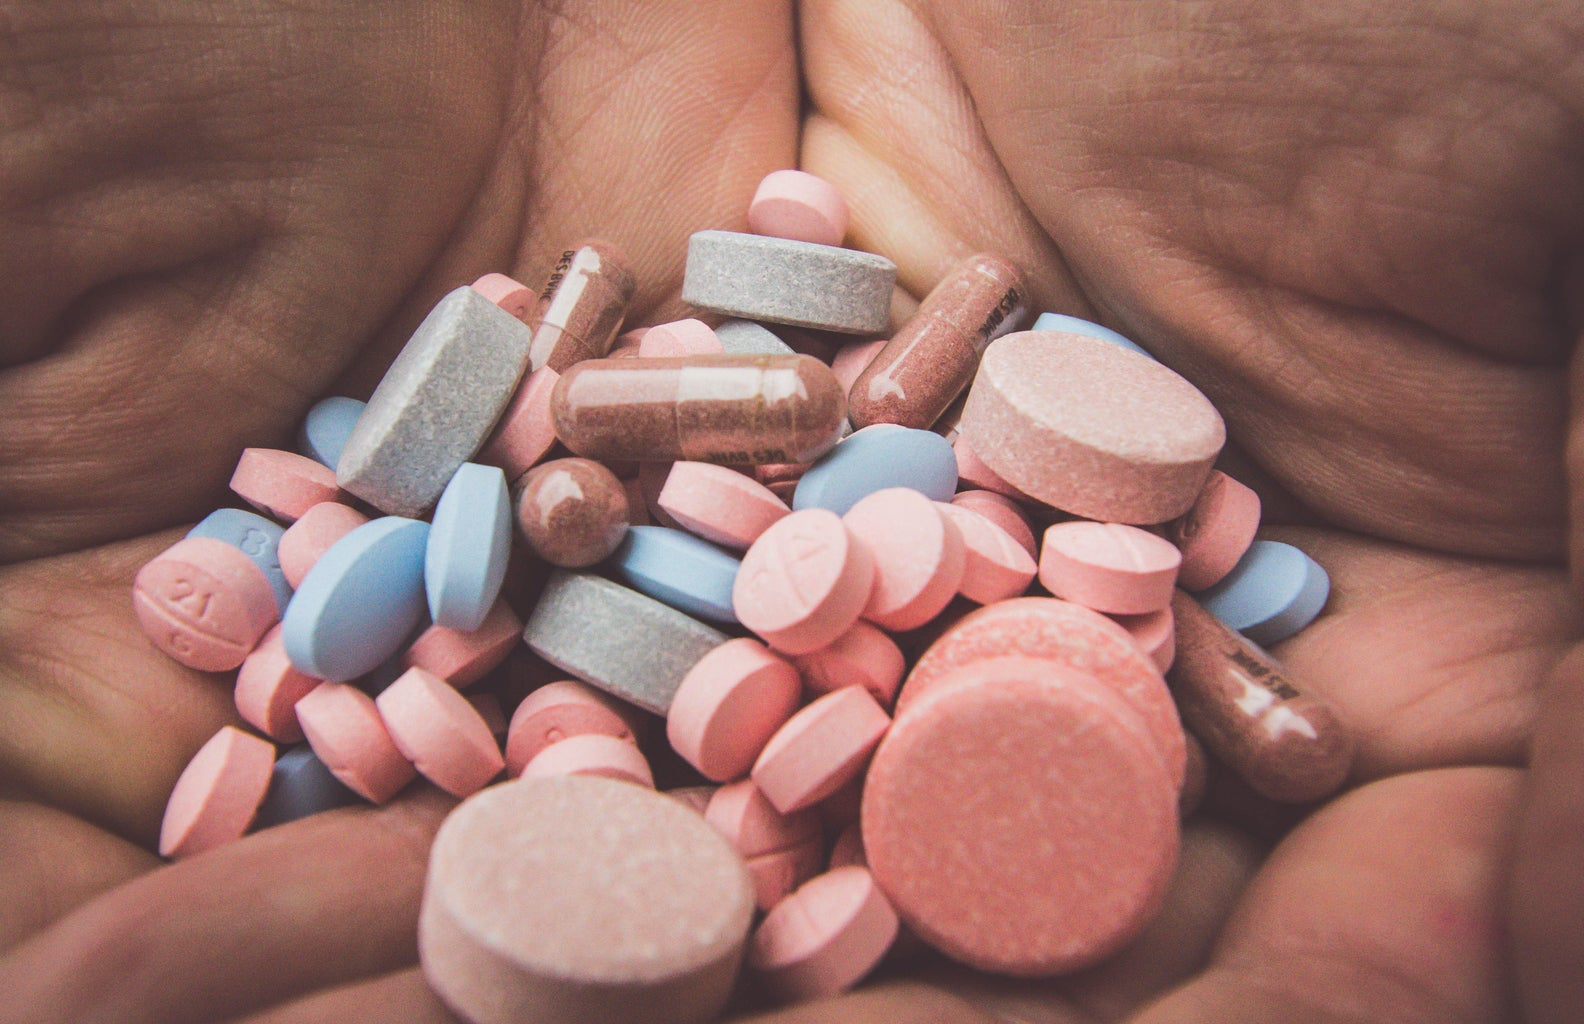 Kristen Bryant-Medicine In Palm Of Hand